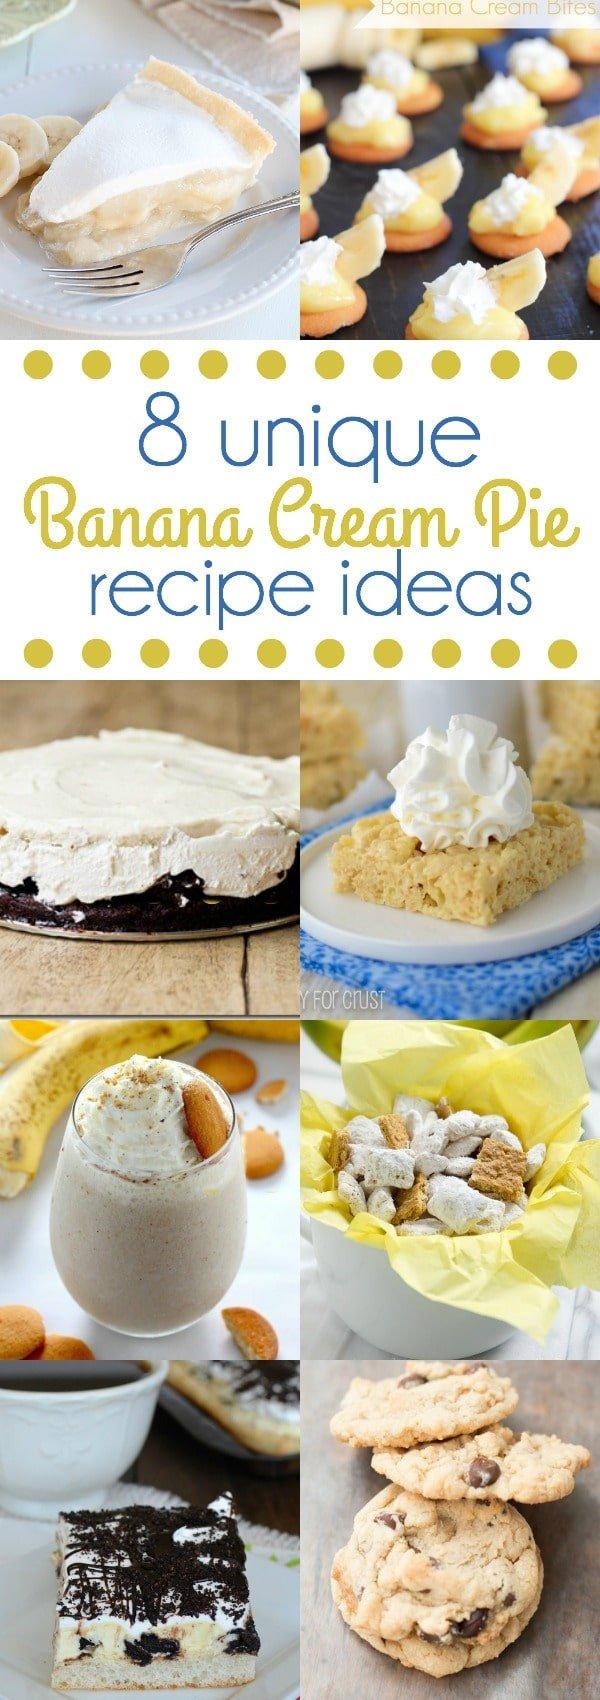 8 unique banana cream pie recipe ideas